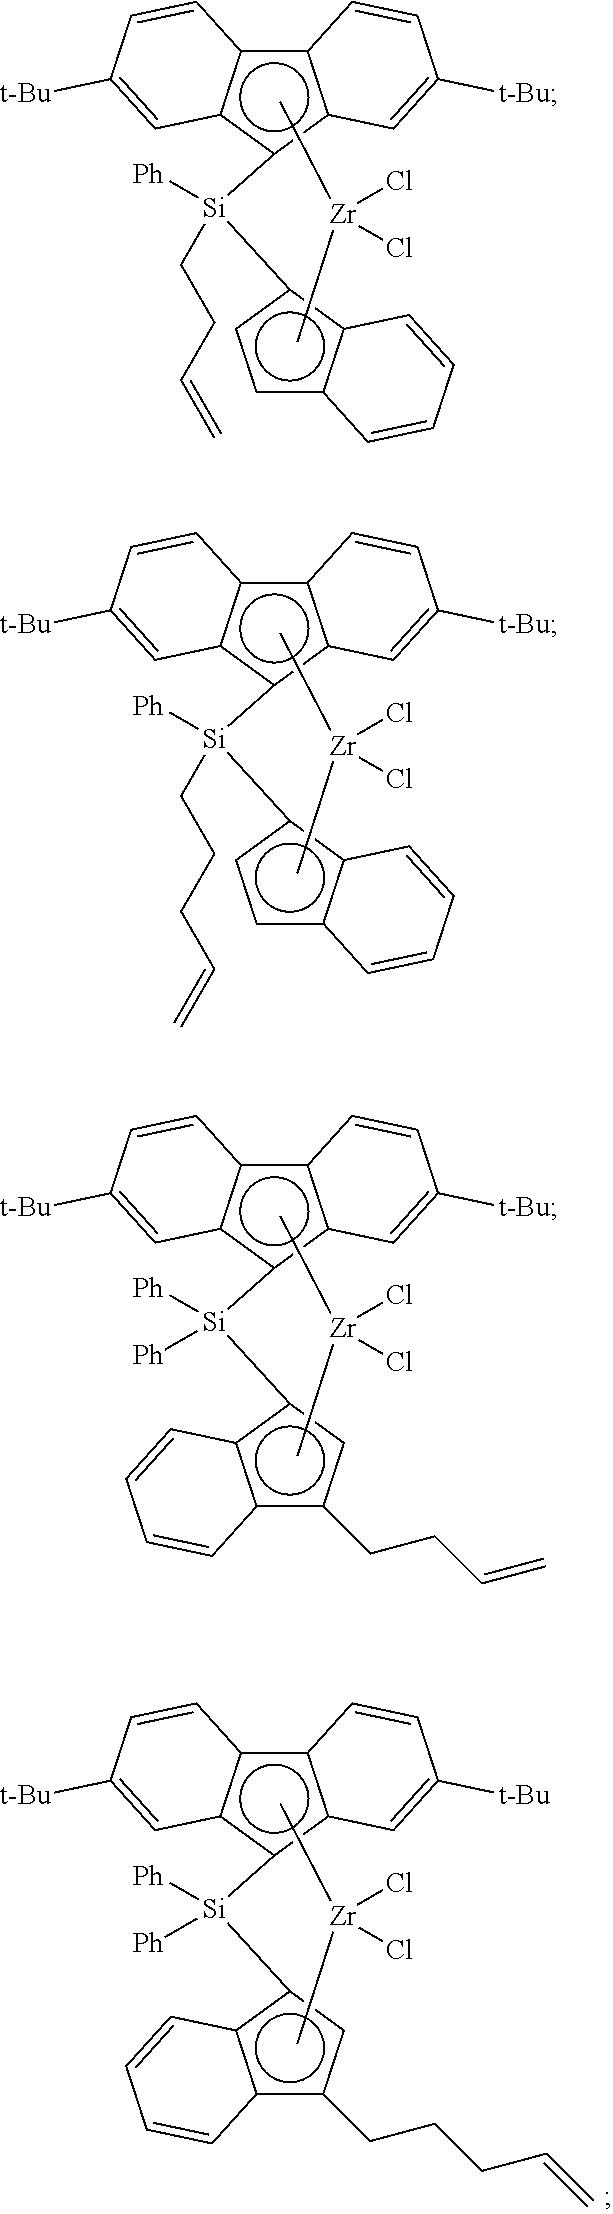 Figure US08501654-20130806-C00015